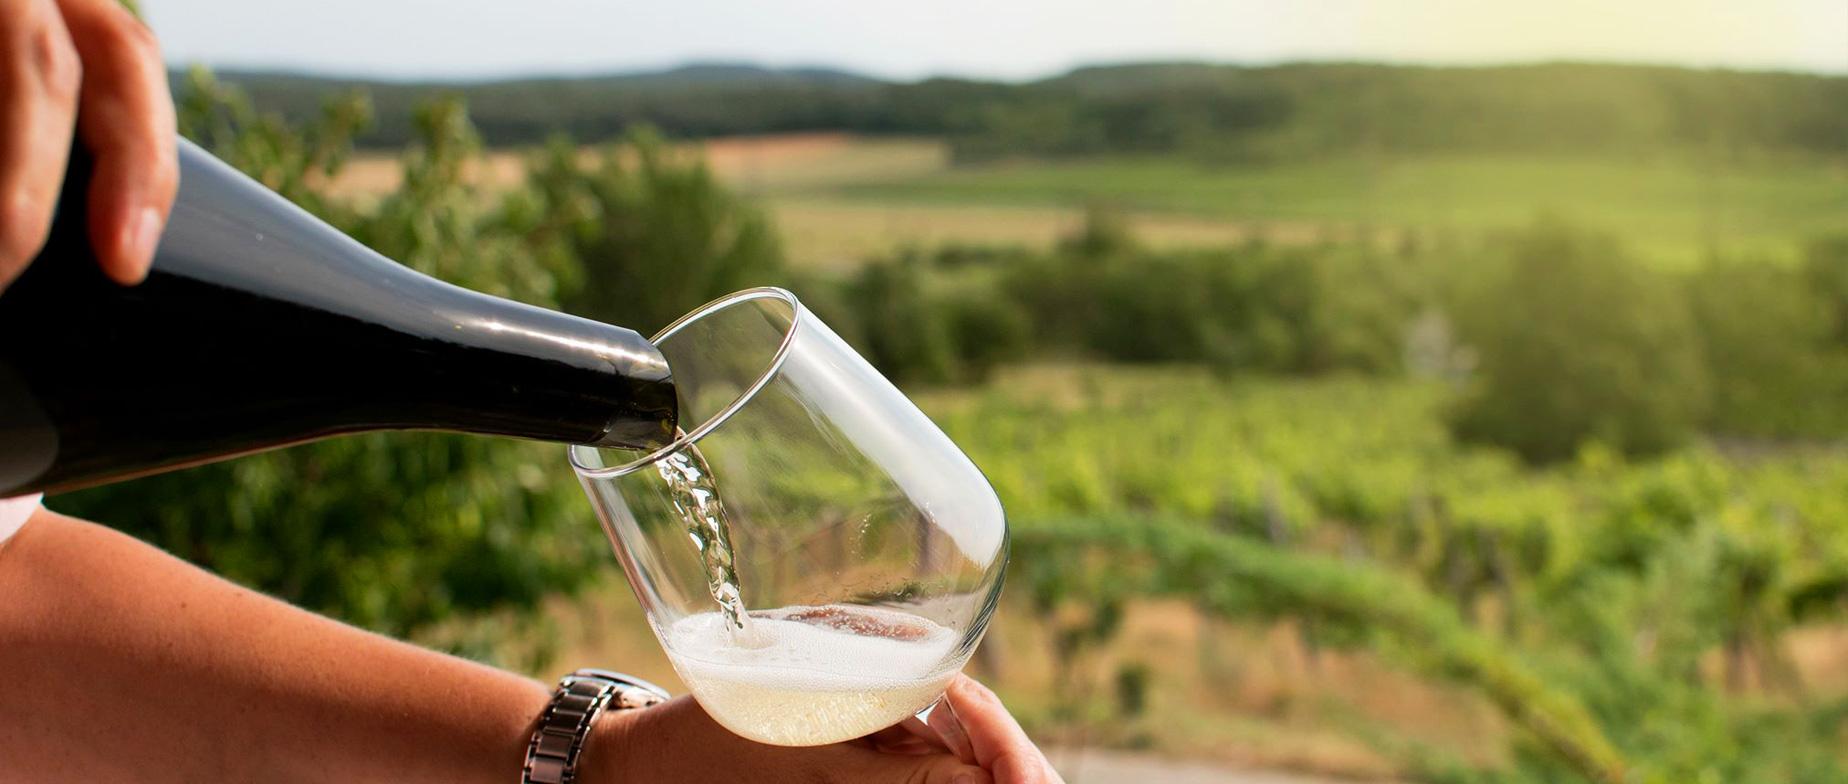 Az én pezsgőm–pezsgőkóstolás és degorzsálás